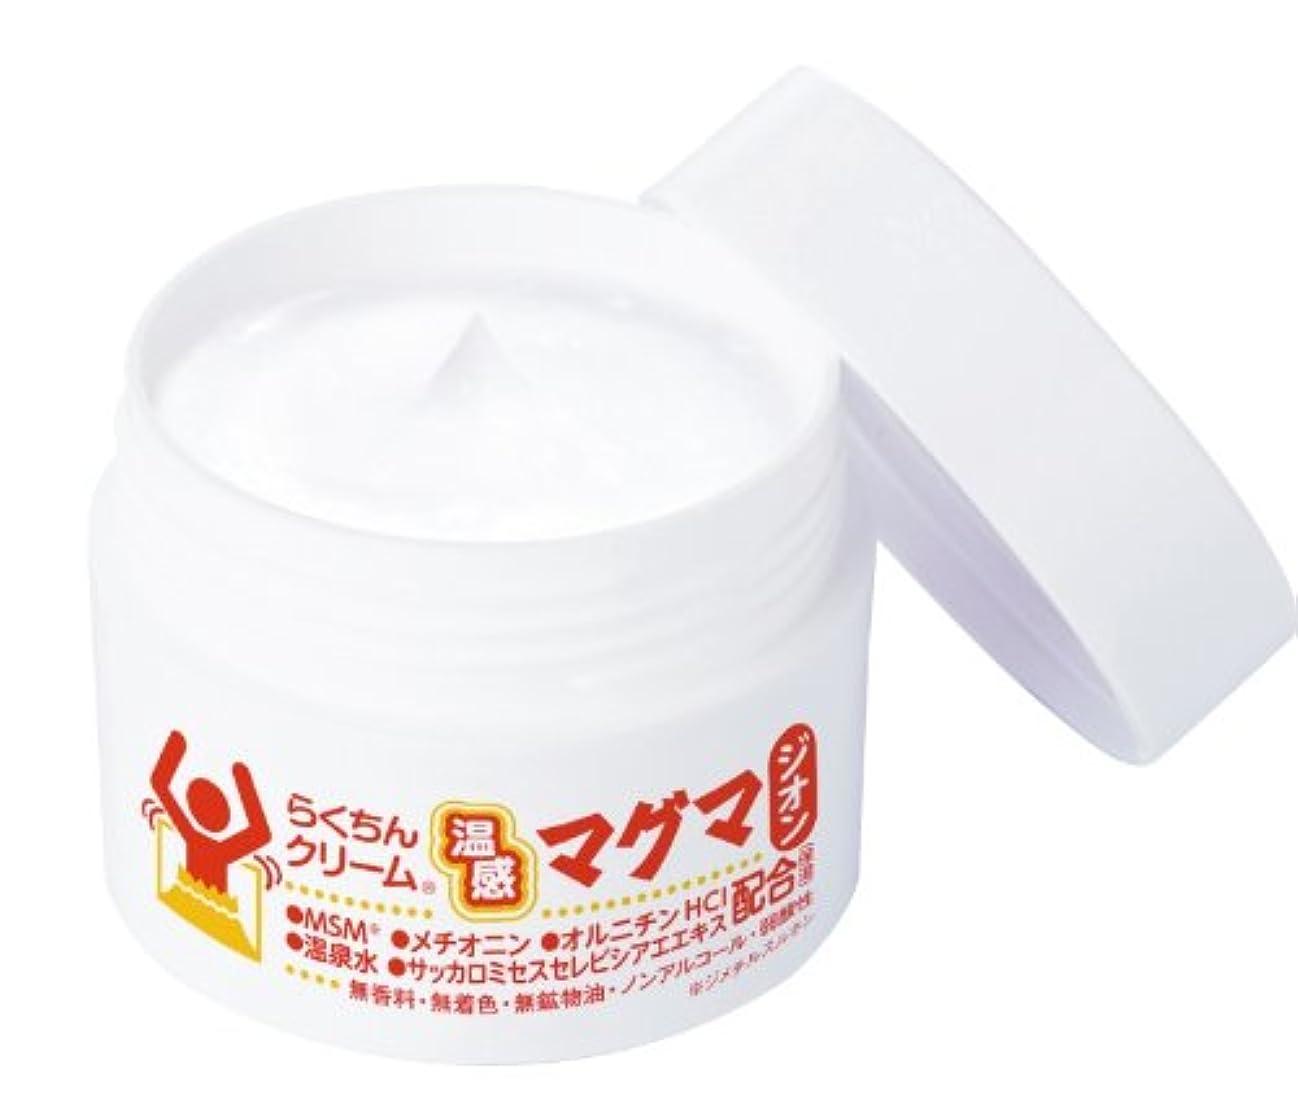 思われる時代理人らくちんクリーム 温感マグマ ジオン 3個セット ※プロも認めたマッサージクリーム!温感マグマ!自然素材の刺激がリラックス気分をもたらせます!